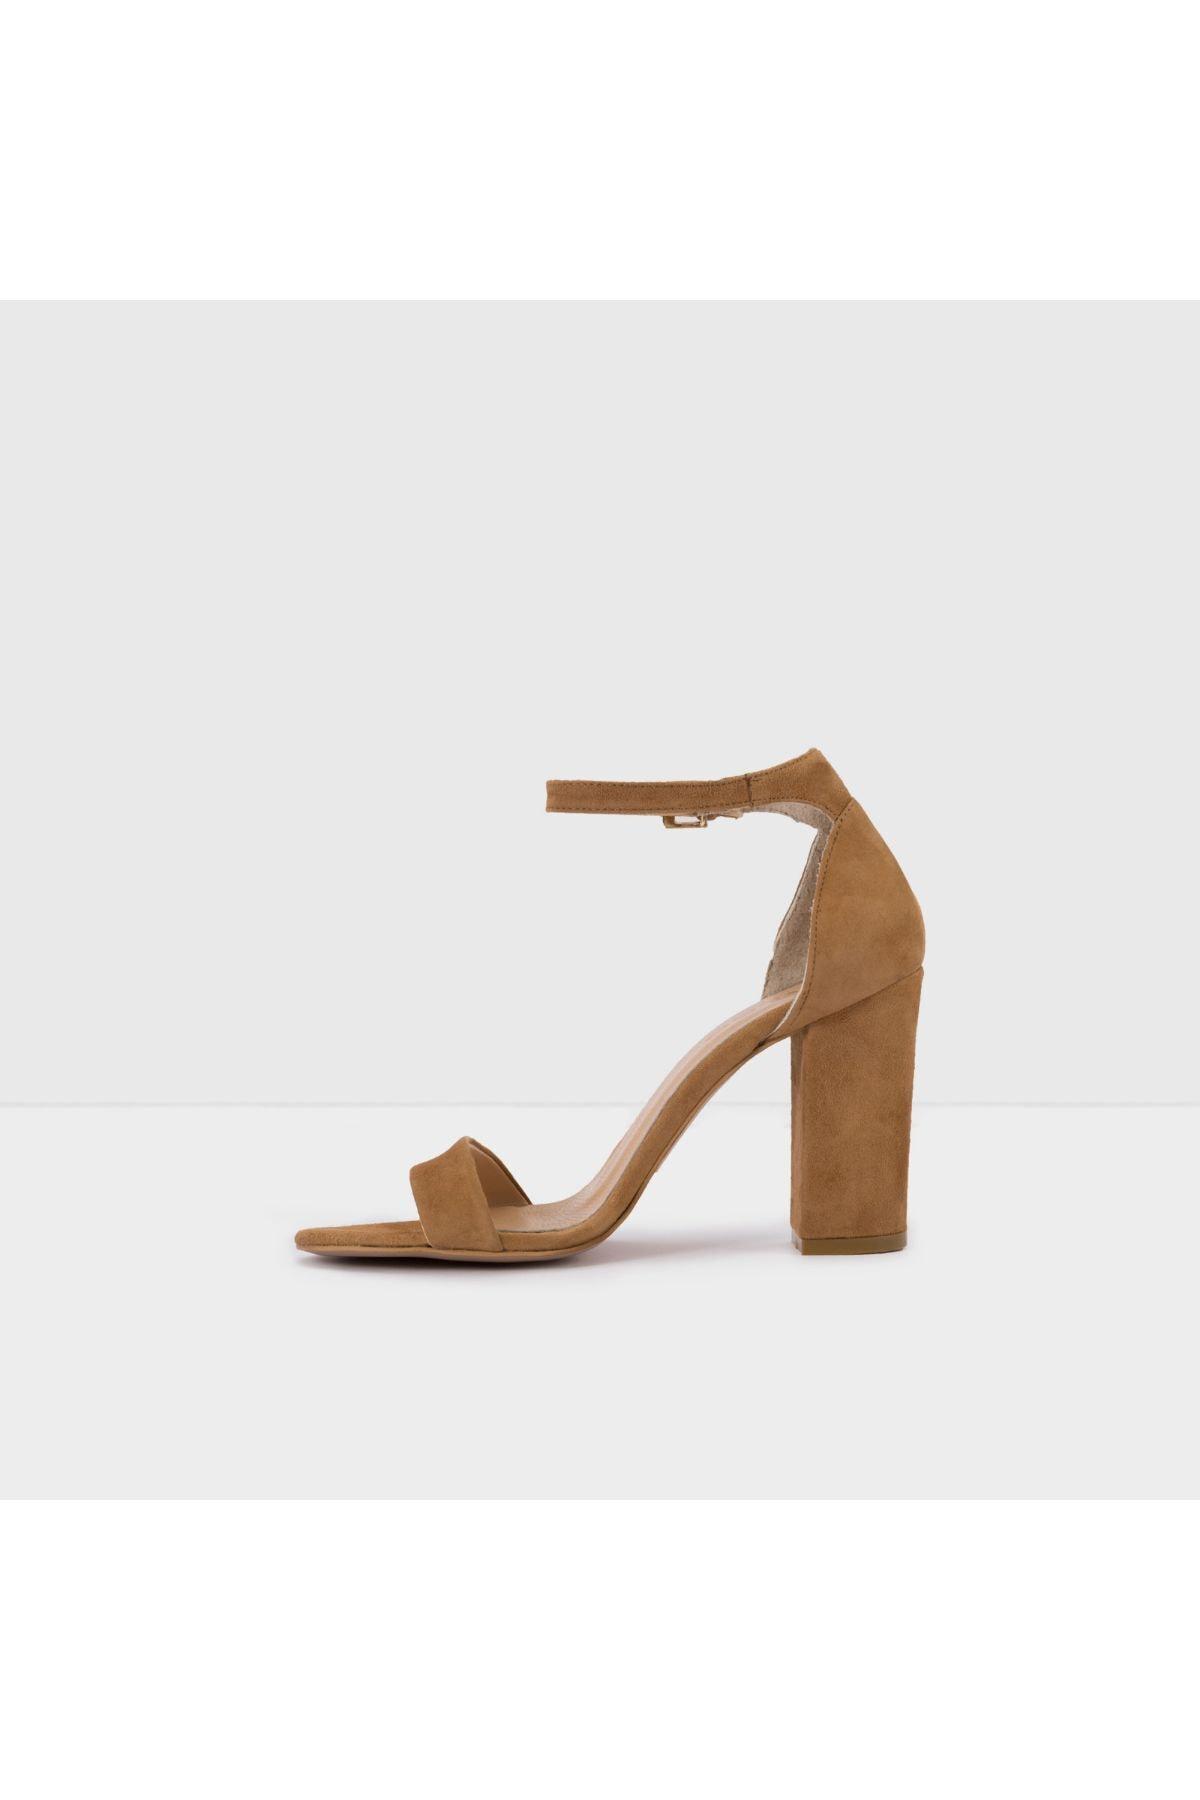 Aldo JERAYCLYA-TR - Taba Kadın Topuklu Sandalet 2